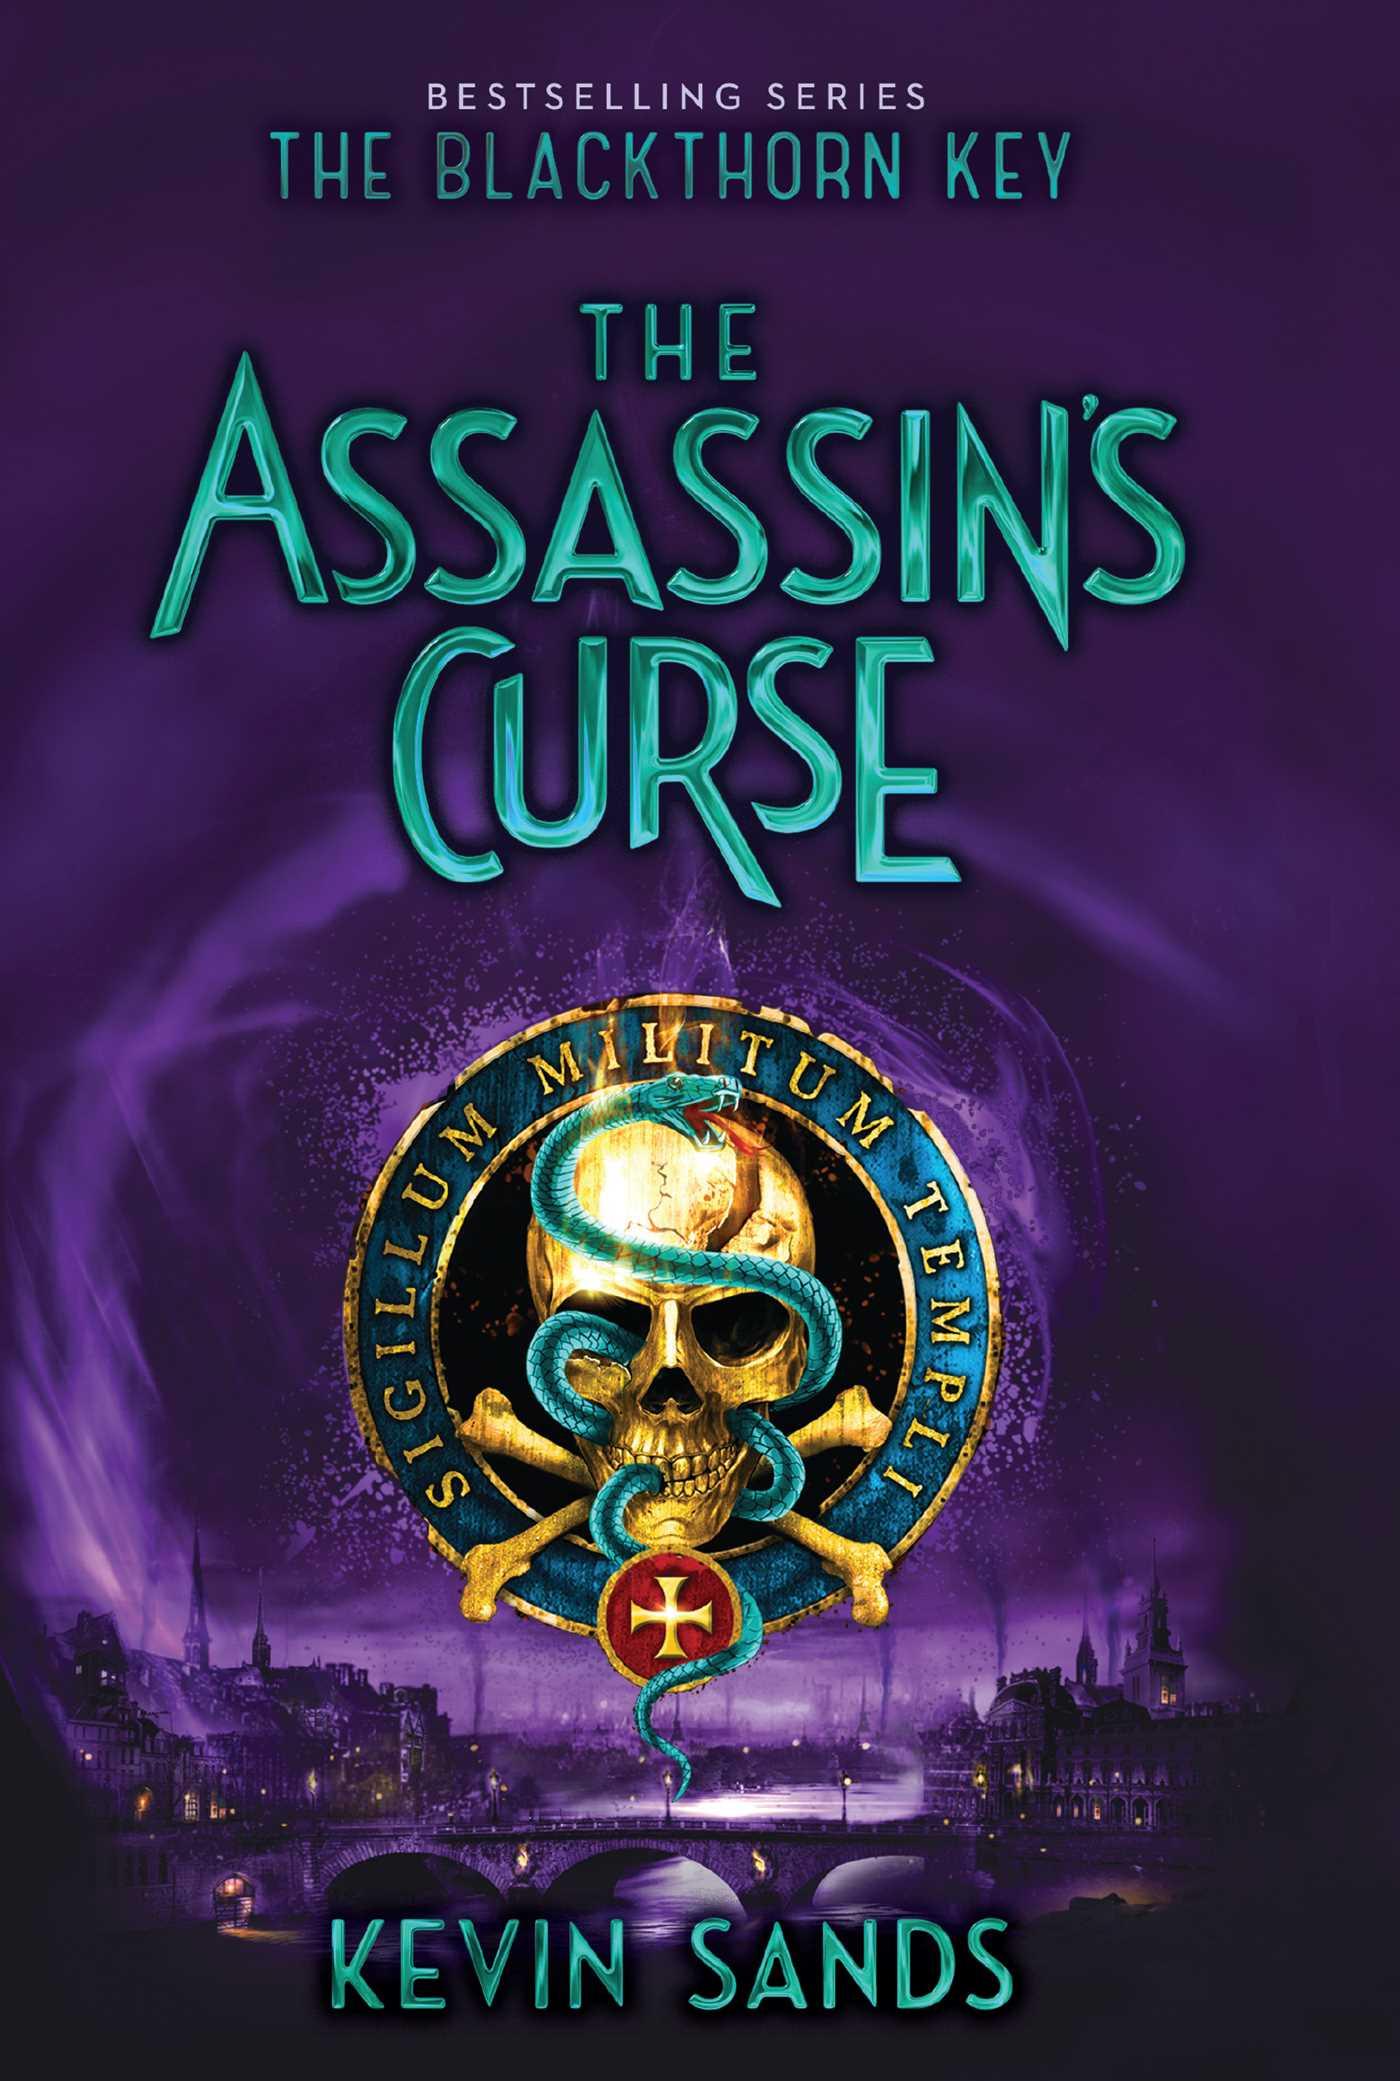 The assassins curse 9781534405240 hr